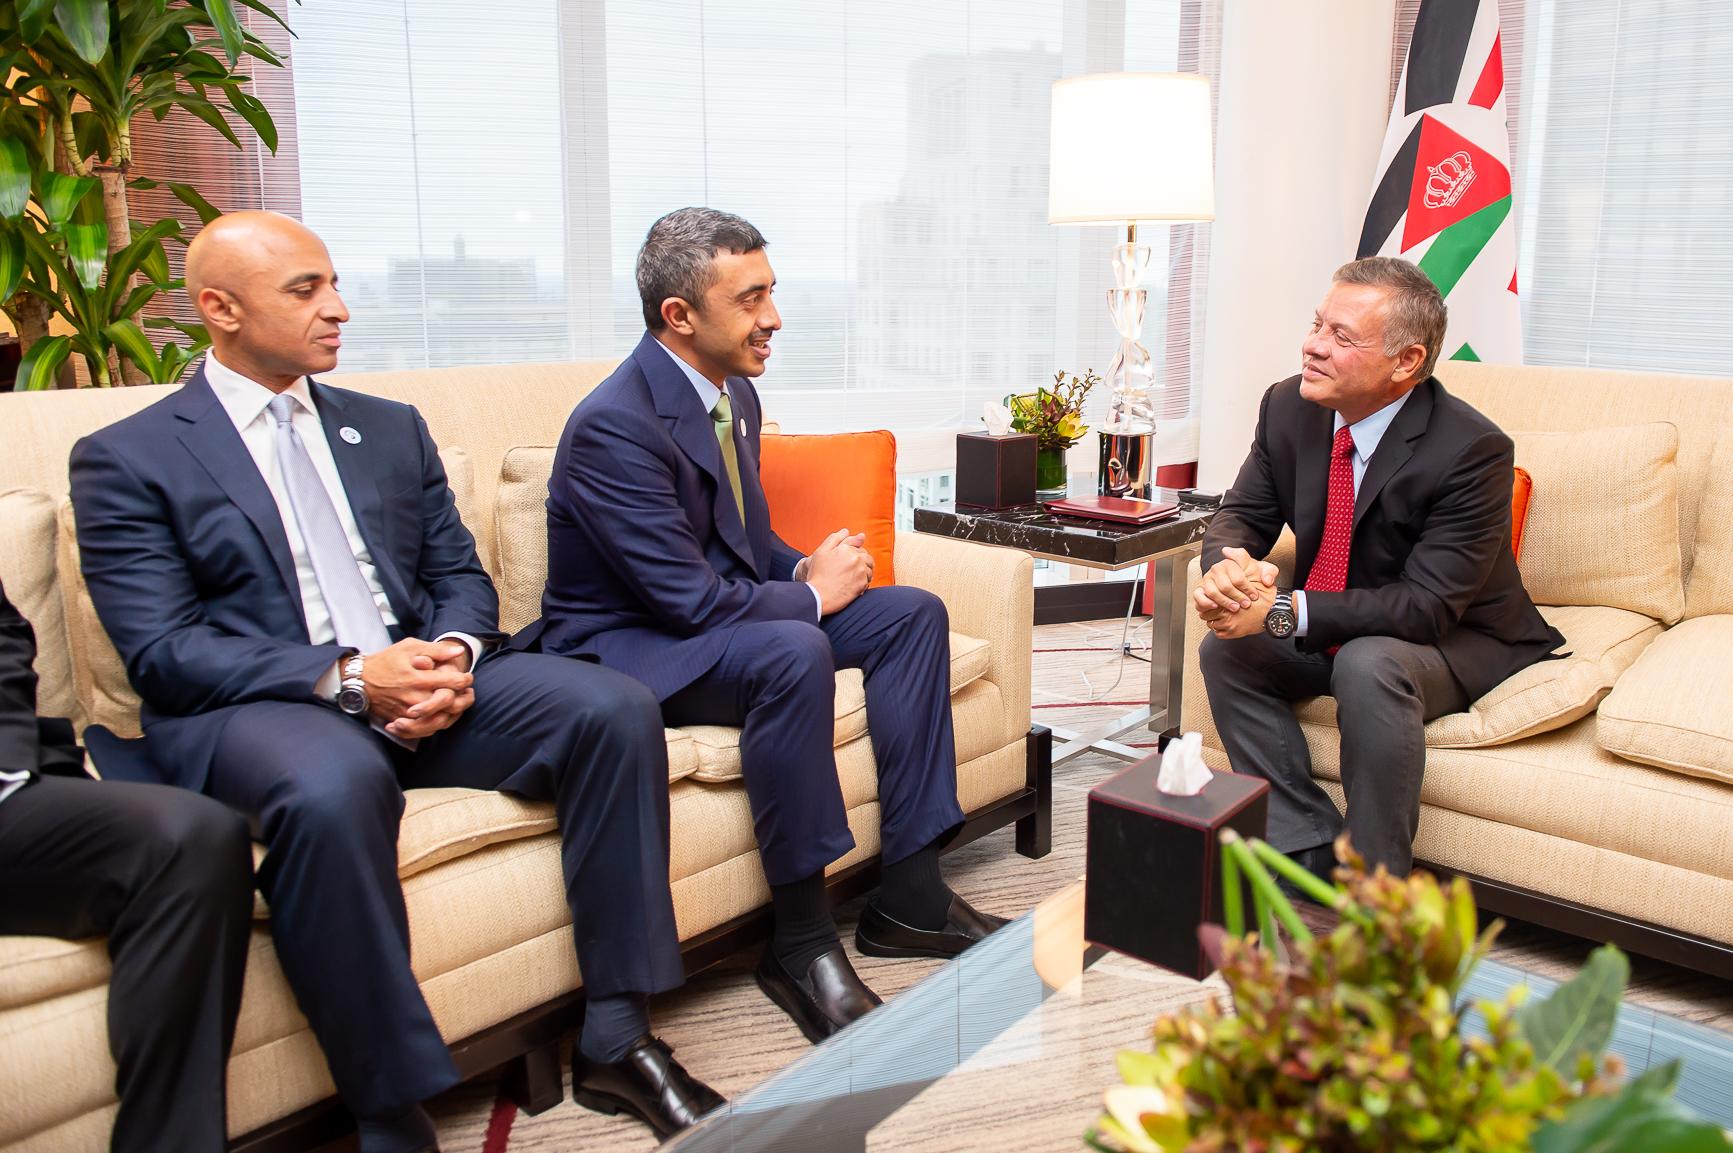 ملك الأردن يستقبل عبدالله بن زايد في نيويورك 3